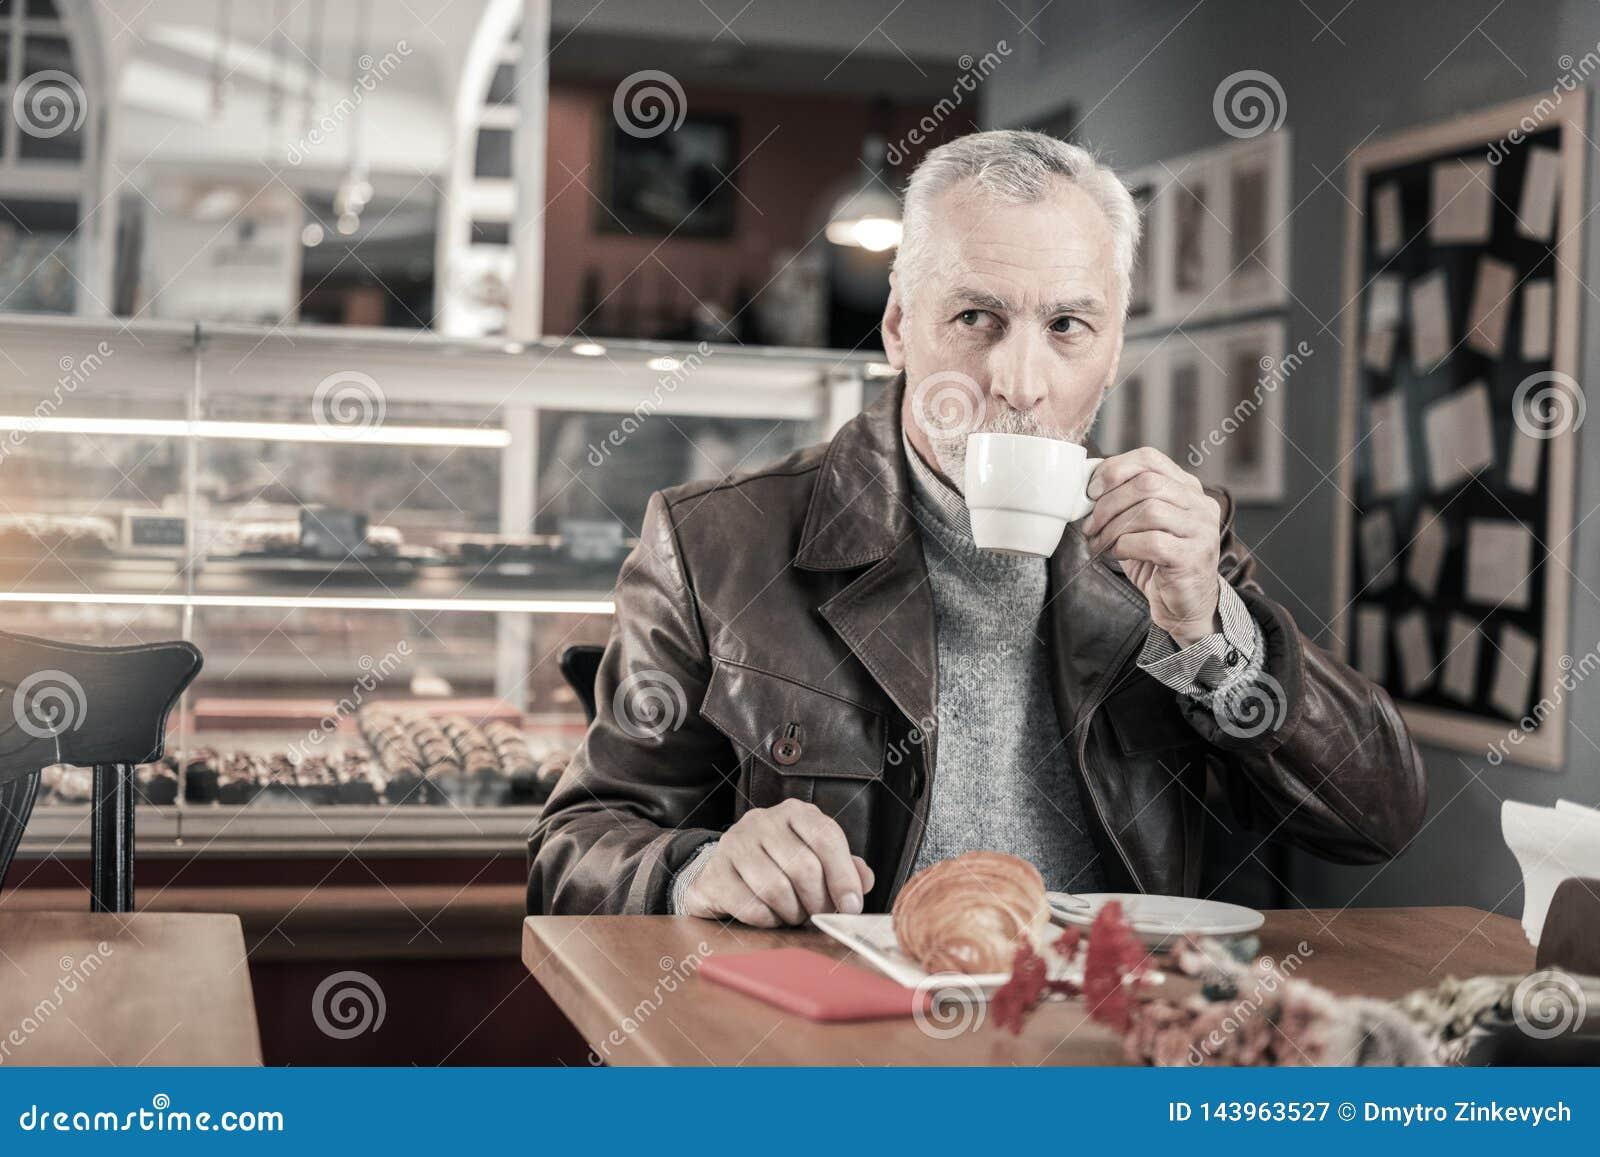 Добросердечный зрелый человек выпивая вкусный кофе во время перерыва